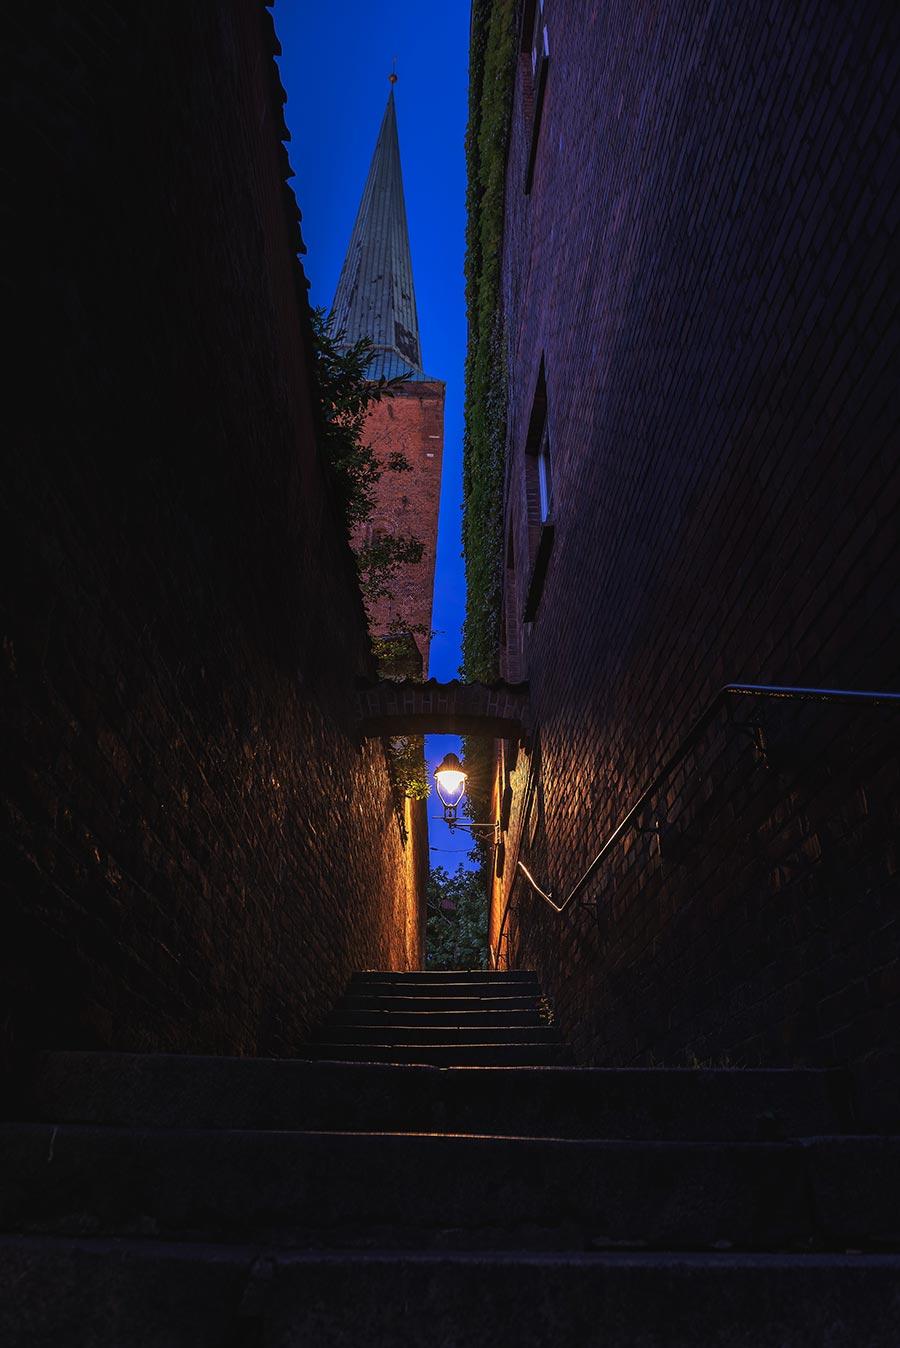 Blaue Stunde, Blick Richtung Dom zu Lübeck